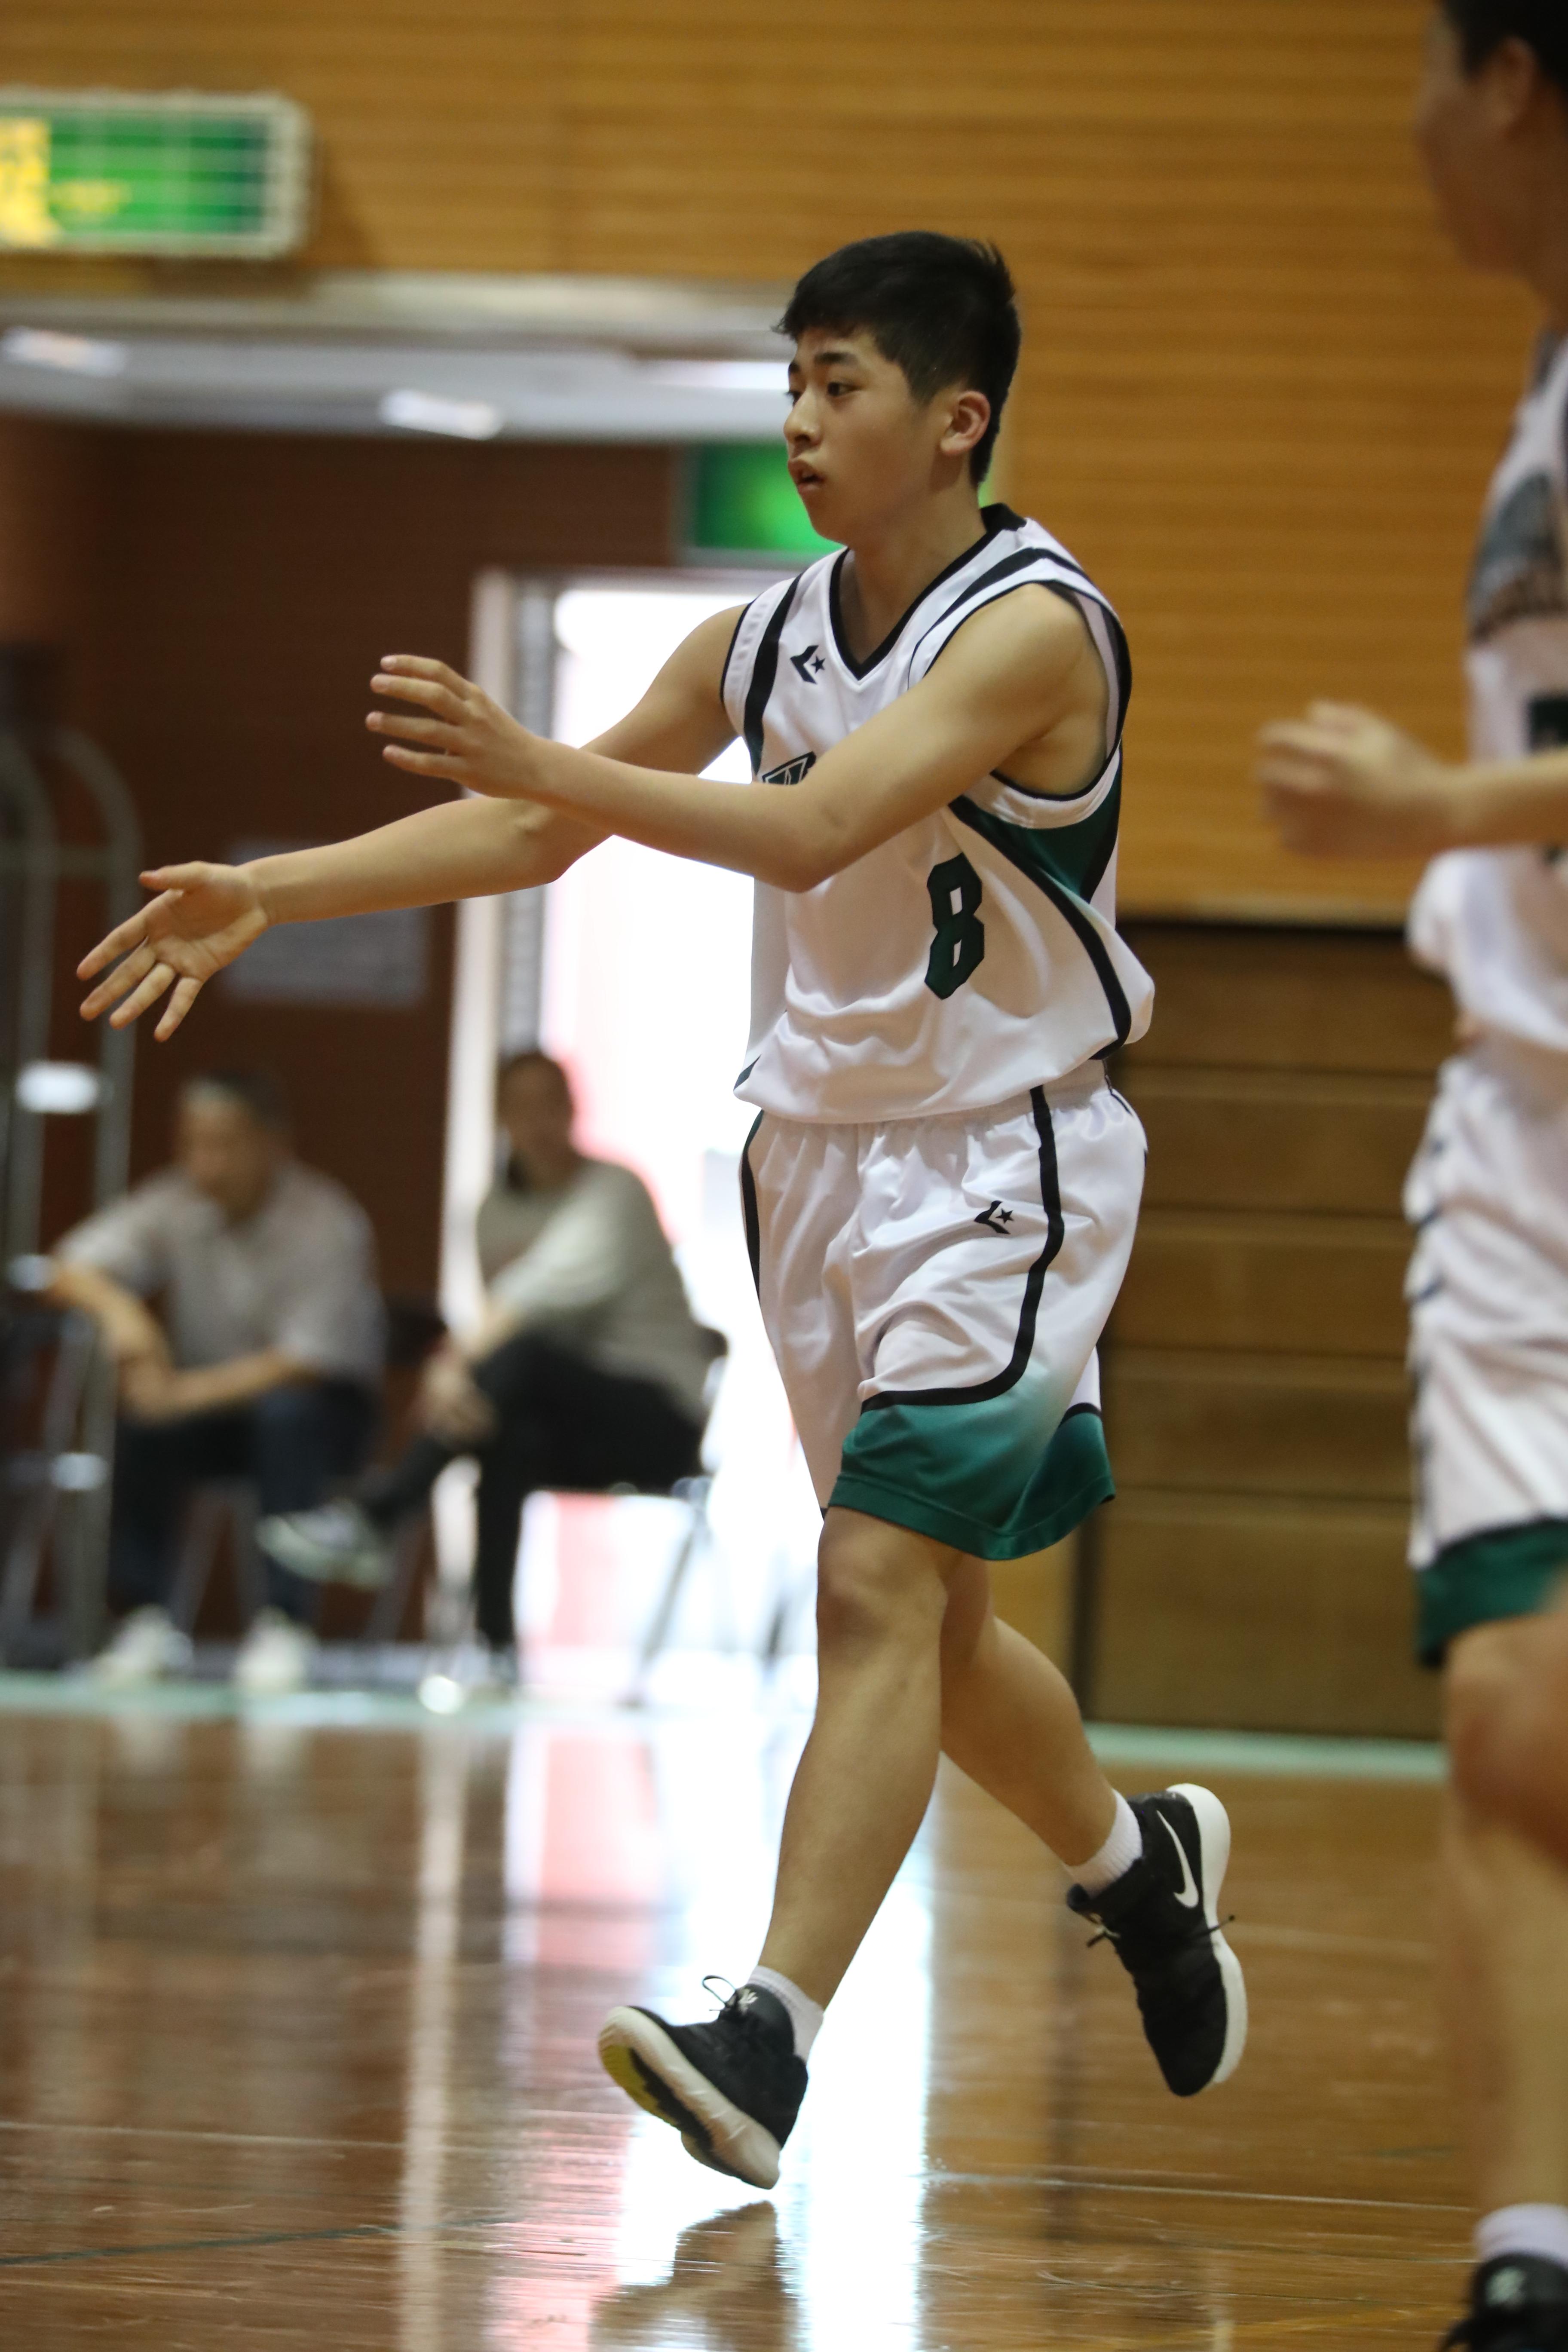 バスケット (237)